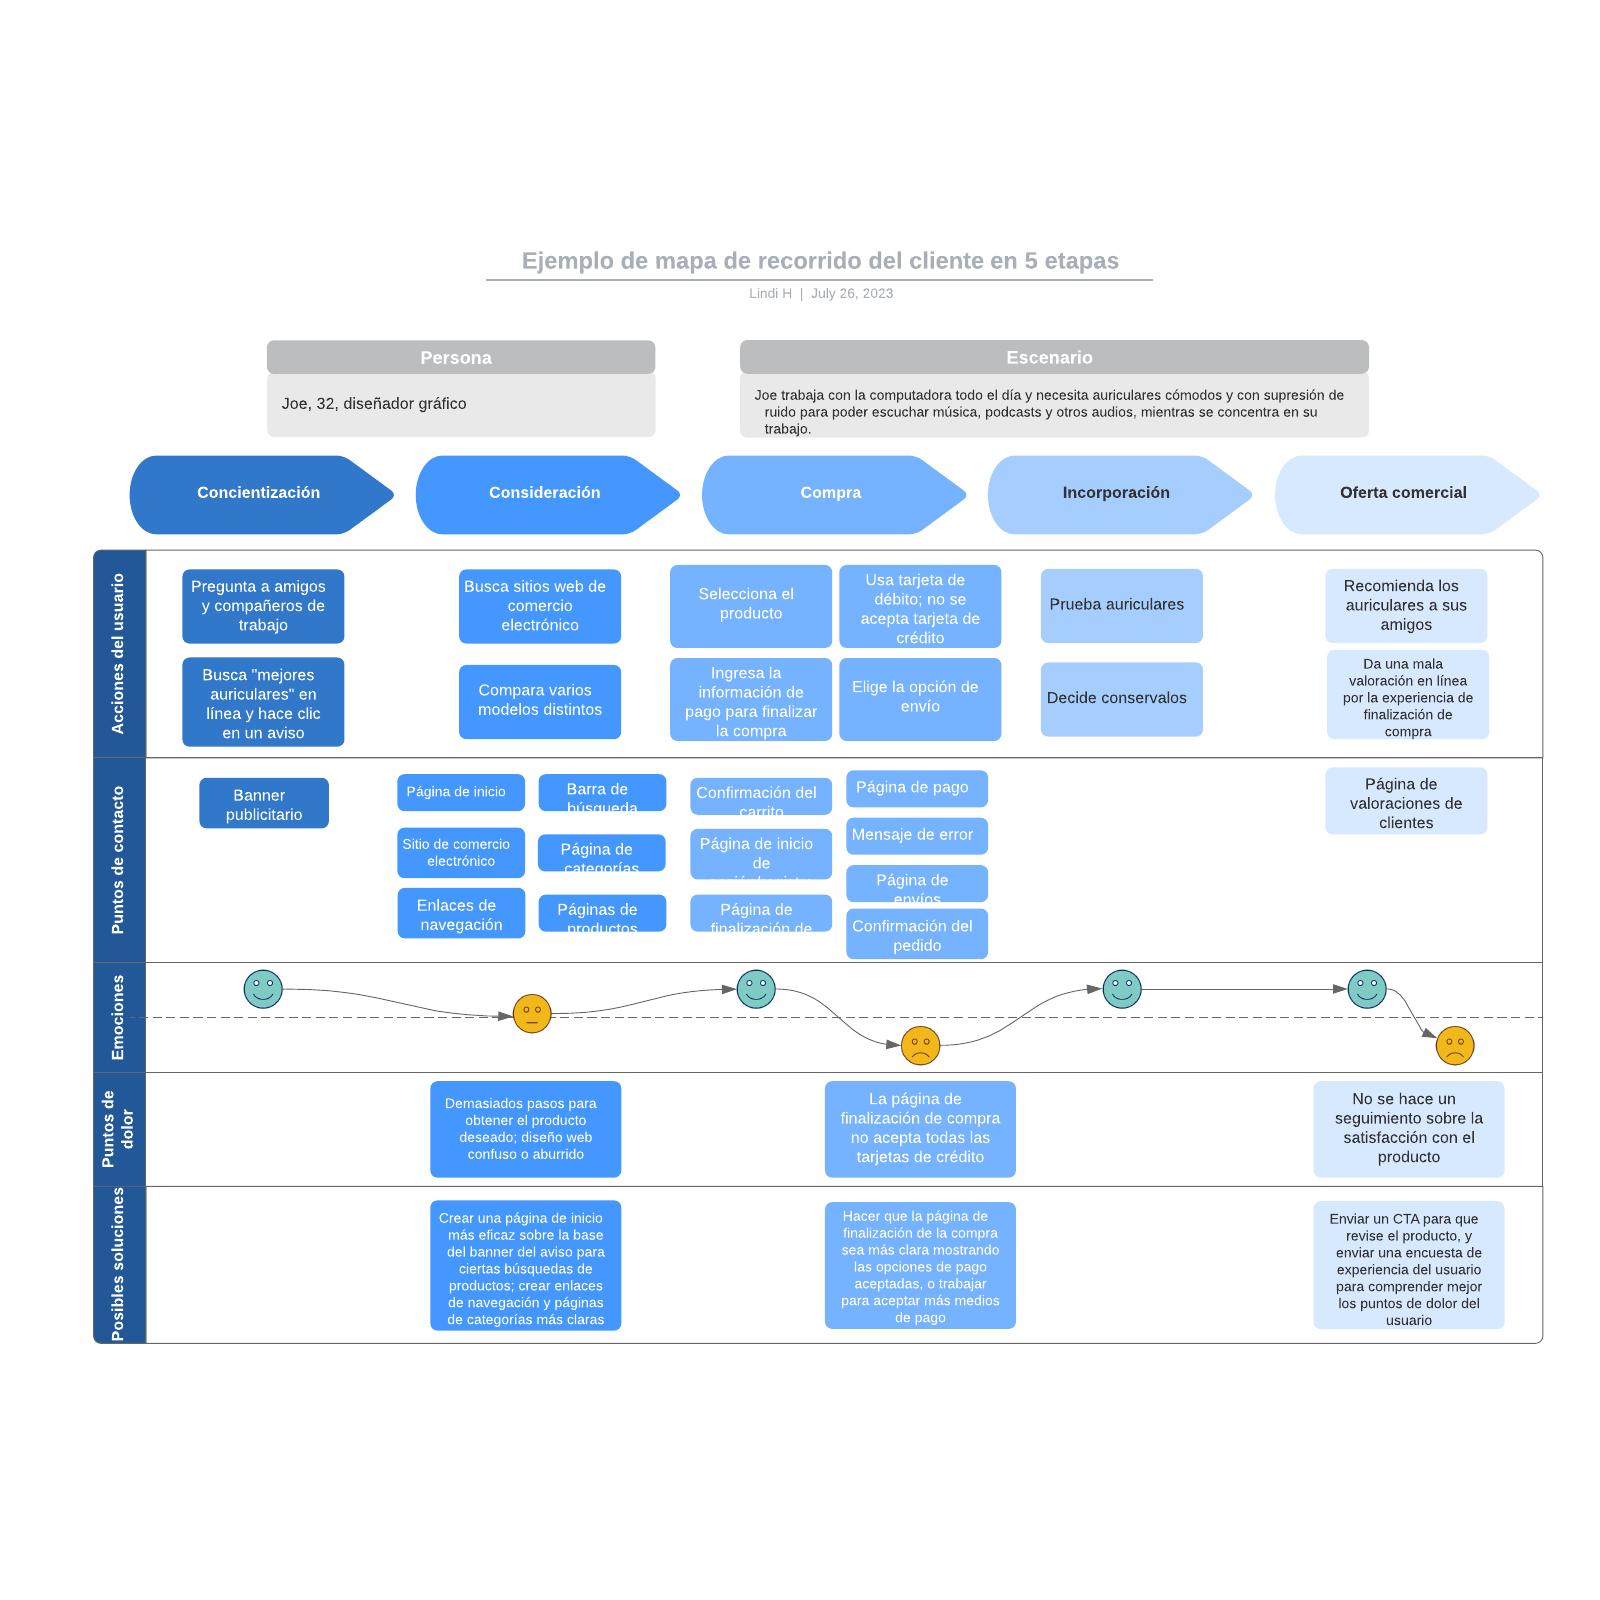 Ejemplo de mapa de recorrido del cliente en 5 etapas